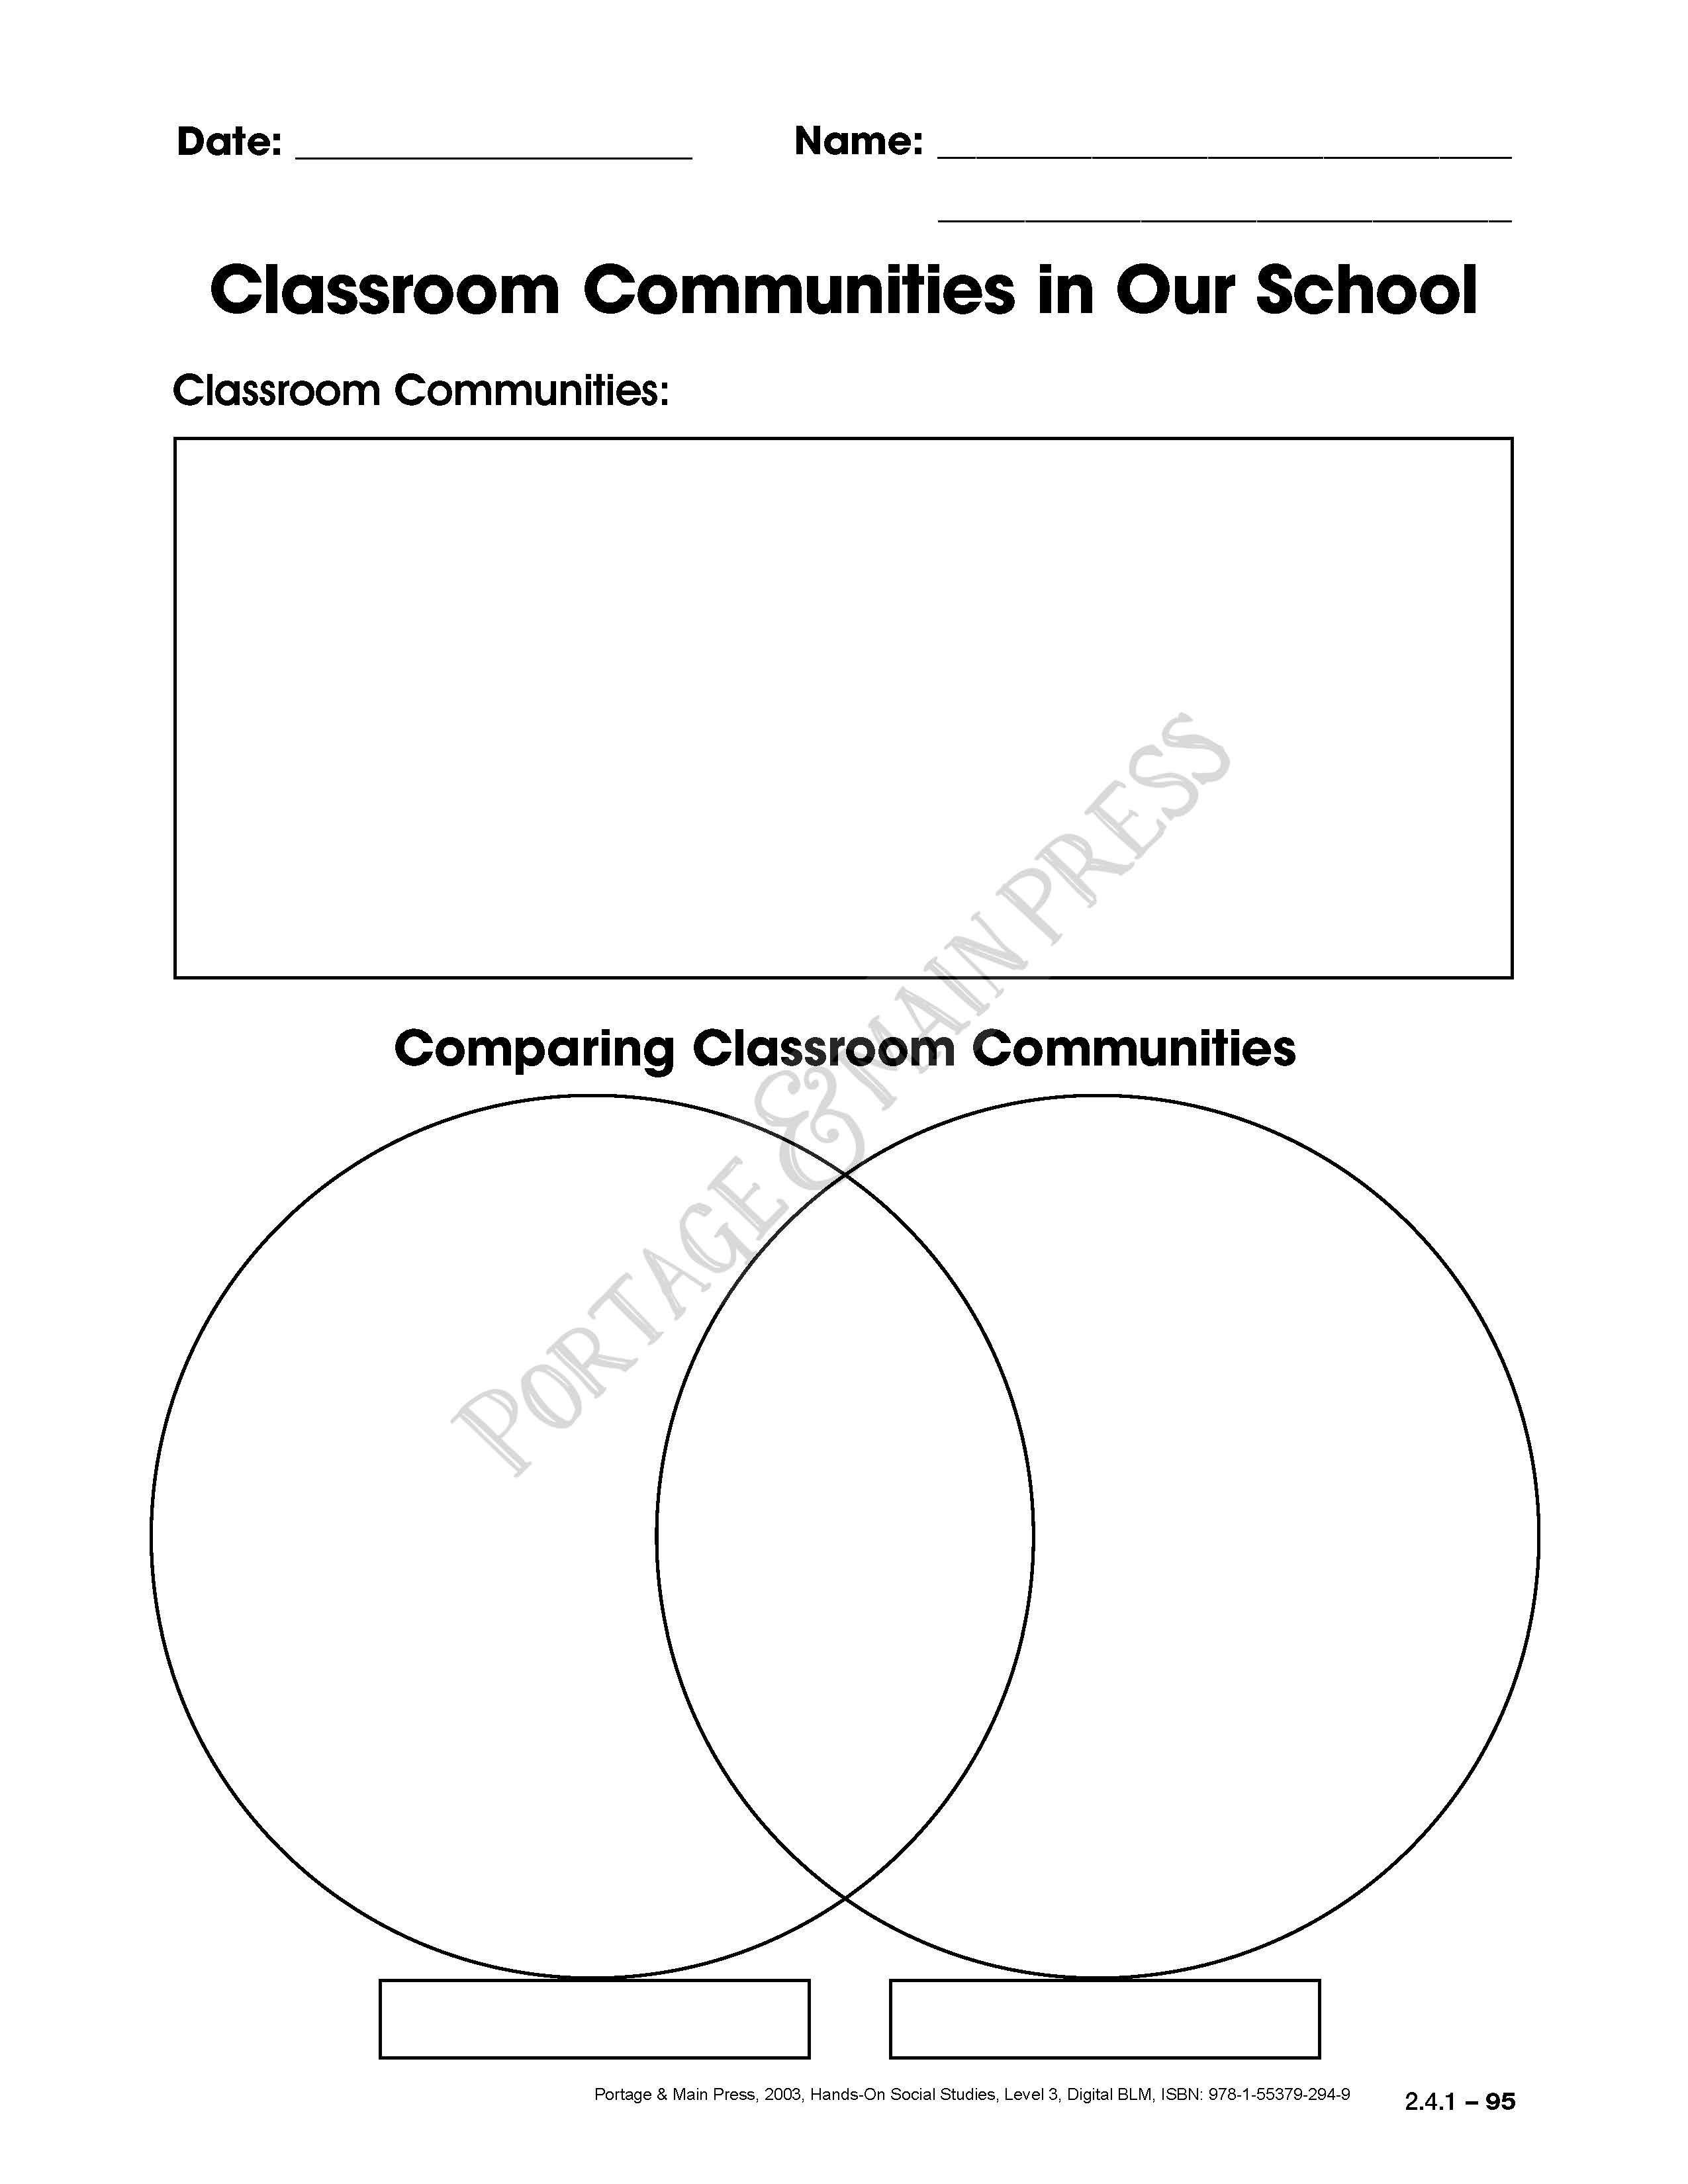 Grade 3 Social Studies - Classroom Communities activity sheet | 3rd ...